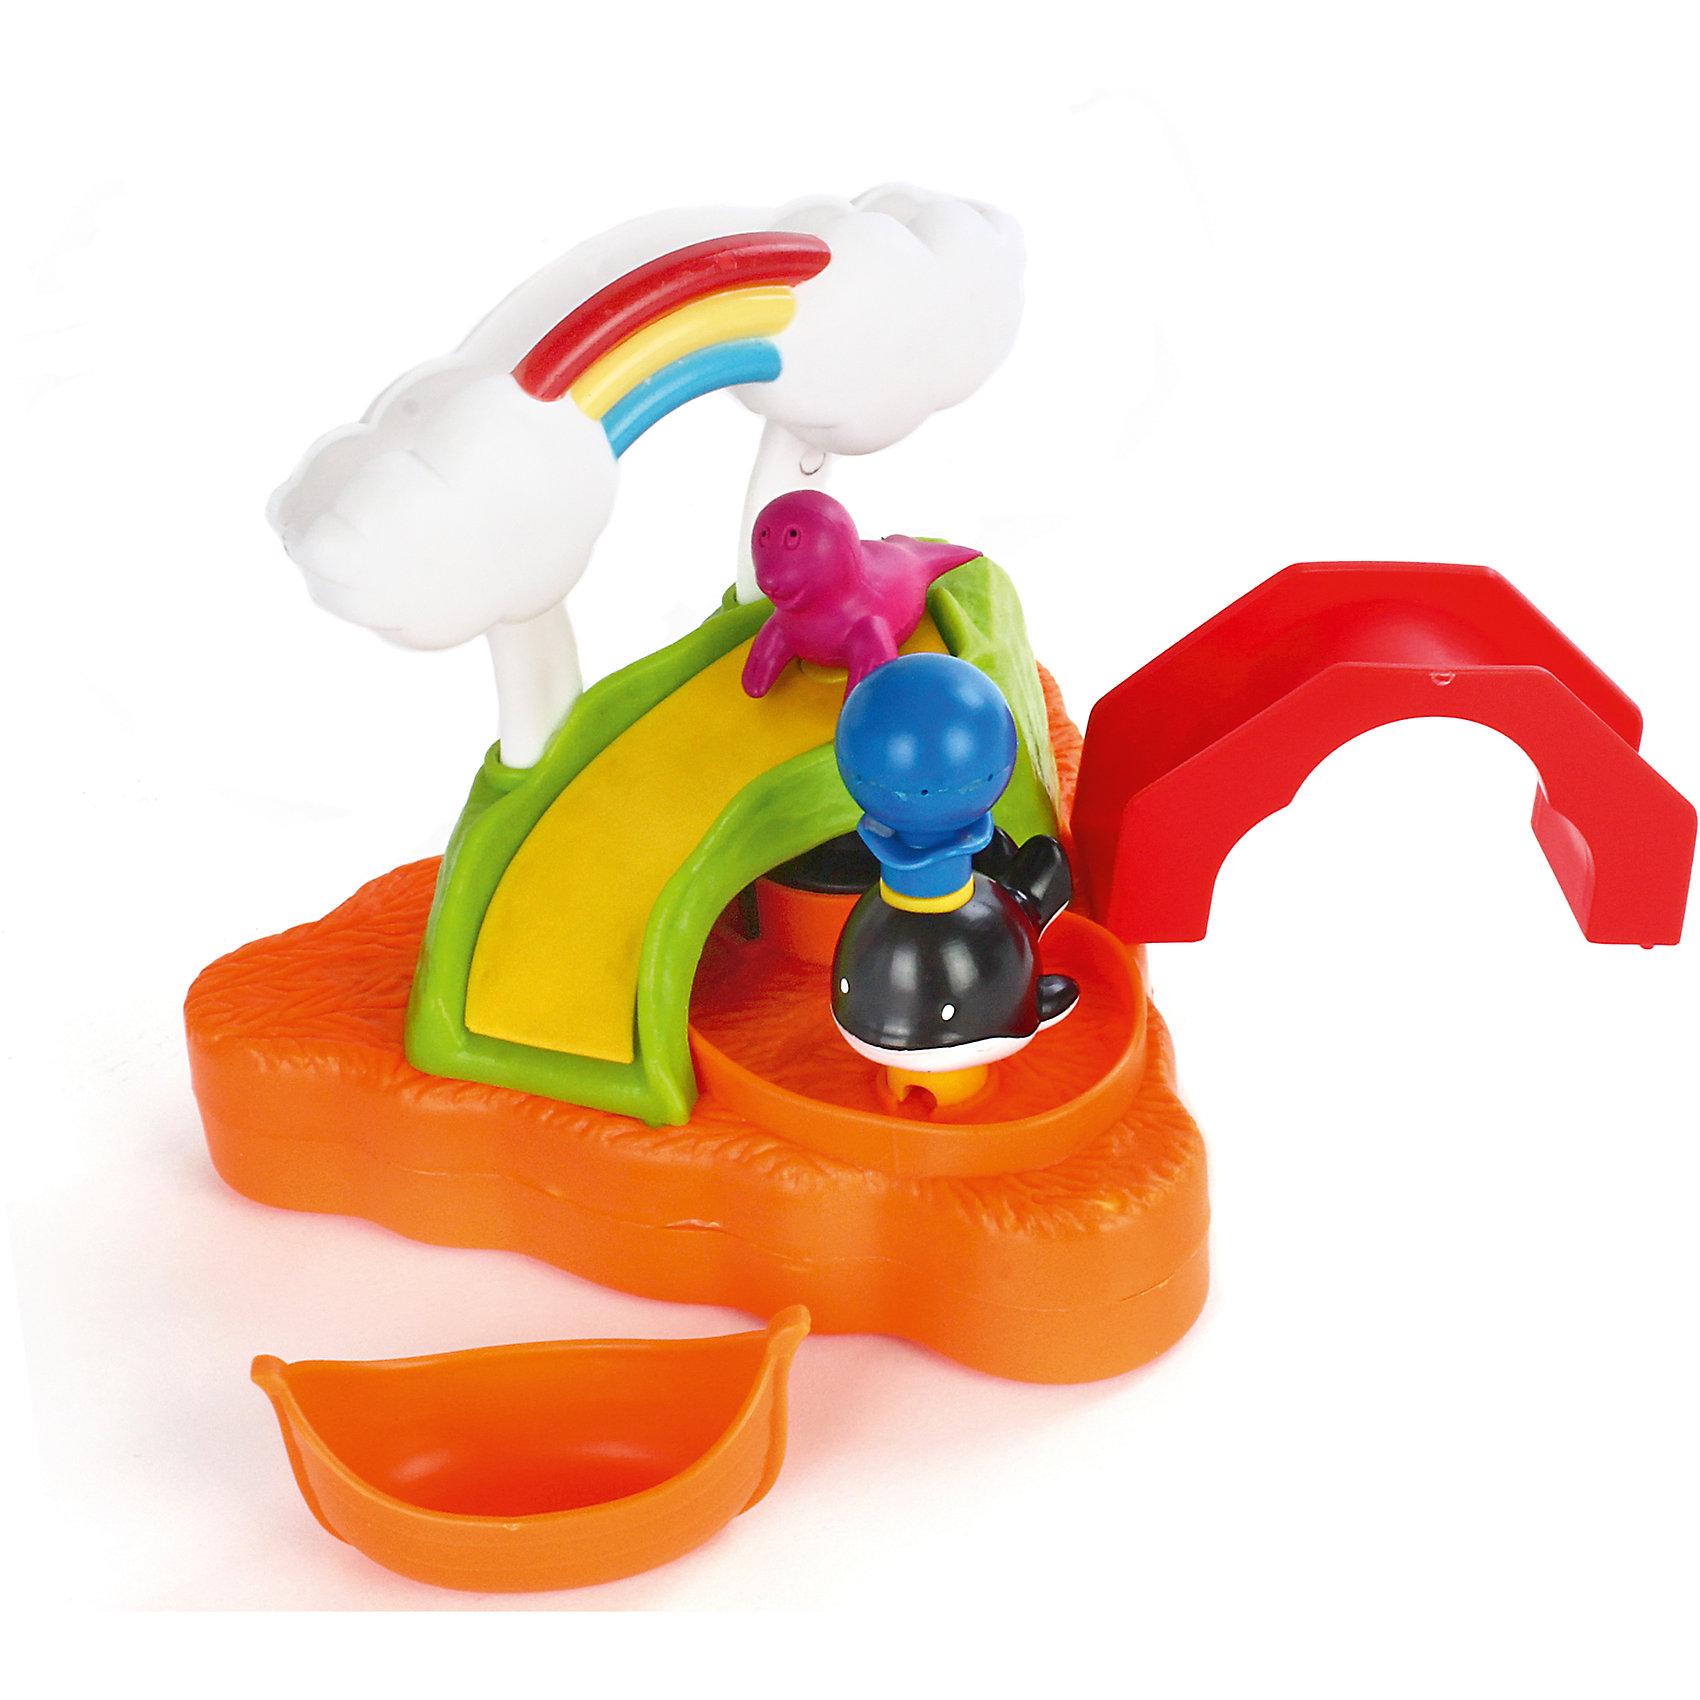 Игрушка для ванной Летнее купание, ЖирафикиИгровые наборы<br>Купание в ванной любят далеко не все малыши. И это оправдано. Многие из них боятся воды, которая попадает в глазки и ушки, а многие не любят, потому что им просто скучно купаться. Исправить последнее поможет игрушка для ванной, которая займет малыша во время купания. Игрушка изготовлена из пластика, поэтому не утонет даже при активной игре! Материалы, использованные при изготовлении товара, абсолютно безопасны и отвечают всем международным требованиям по качеству.<br><br>Дополнительные характеристики:<br><br>материал: пластик;<br>цвет: разноцветный;<br>габариты: 15 X 15 X 17 см.<br><br>Игрушку для ванной Летнее купание от компании Жирафики можно приобрести в нашем магазине.<br><br>Ширина мм: 460<br>Глубина мм: 314<br>Высота мм: 352<br>Вес г: 400<br>Возраст от месяцев: 12<br>Возраст до месяцев: 60<br>Пол: Унисекс<br>Возраст: Детский<br>SKU: 5032536